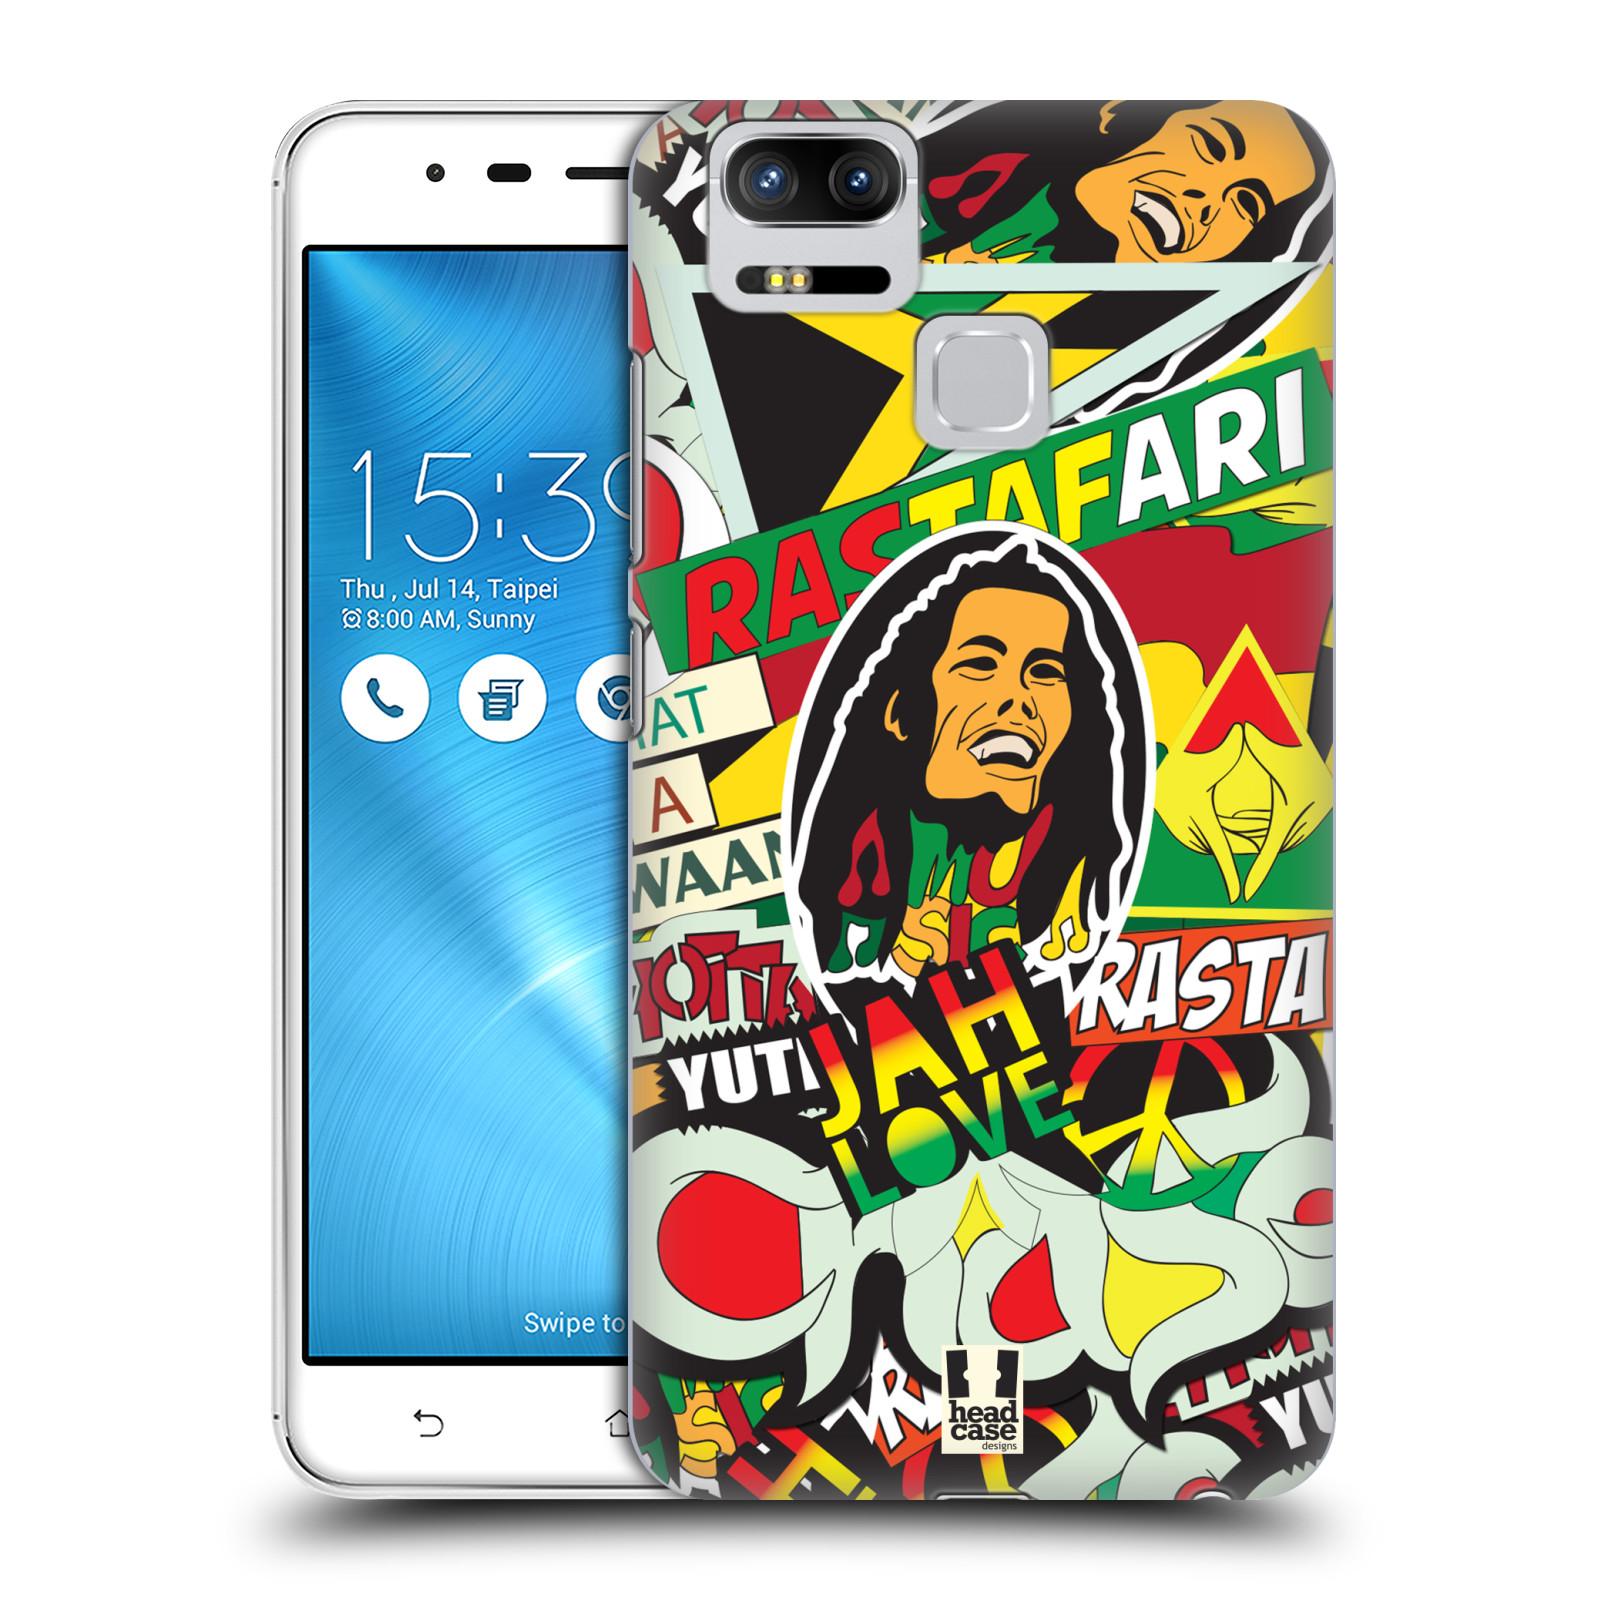 Plastové pouzdro na mobil Asus ZenFone 3 ZOOM ZE553KL - Head Case - RASTA (Plastový kryt či obal na mobilní telefon Asus ZenFone 3 ZOOM ZE553KL s motivem RASTA )